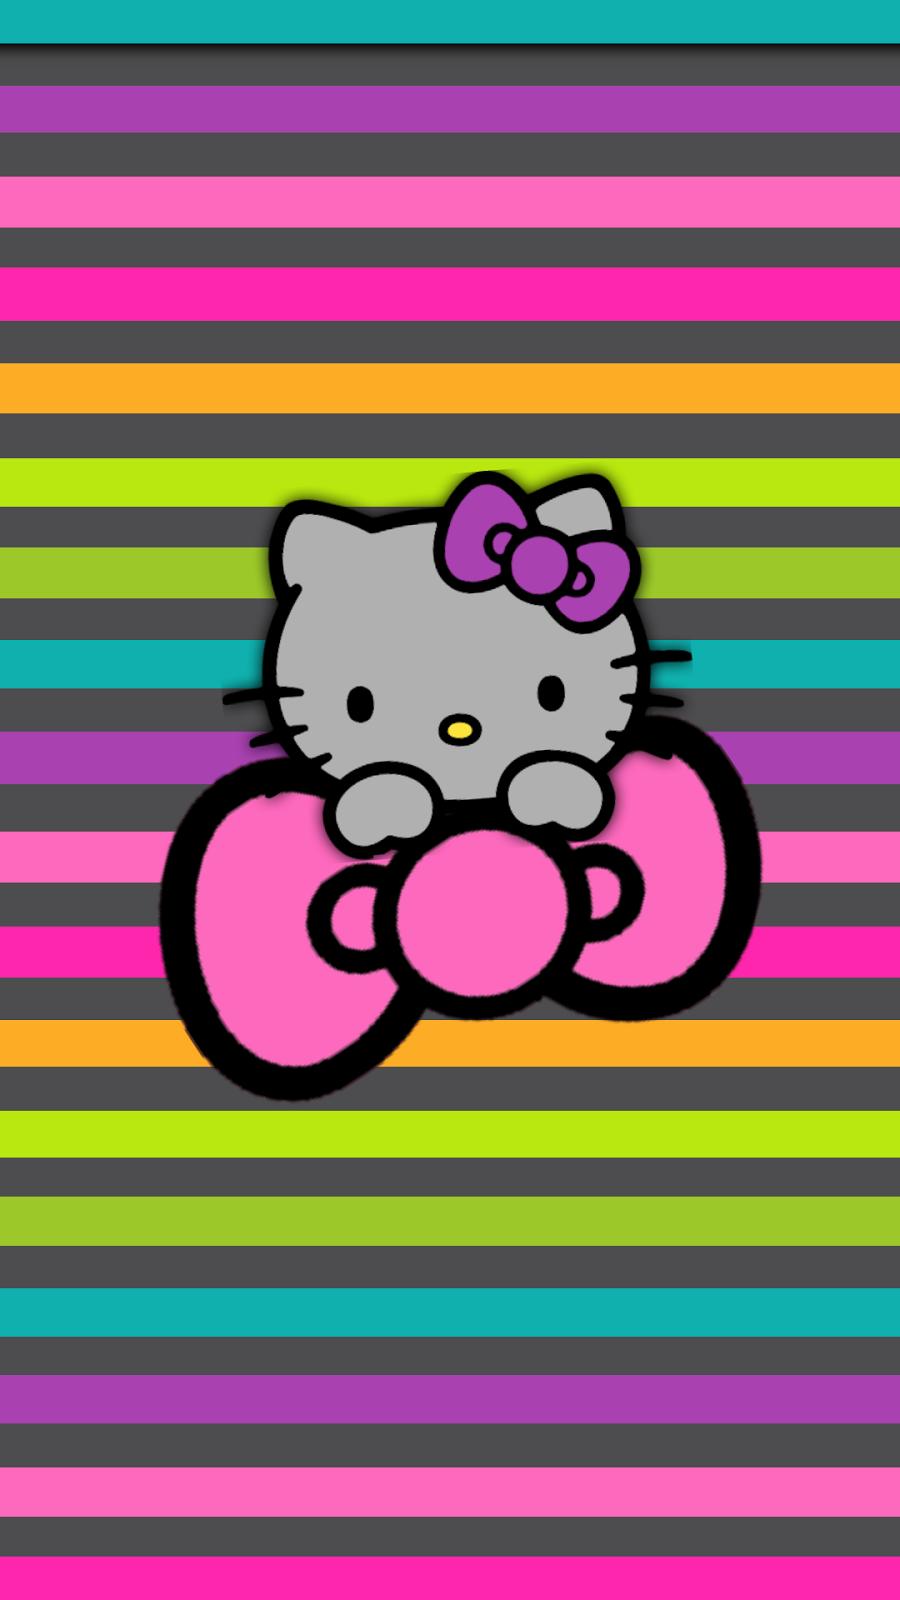 Fondos de pantalla de hello kitty para celular wallpapers for Fondos para celular gratis